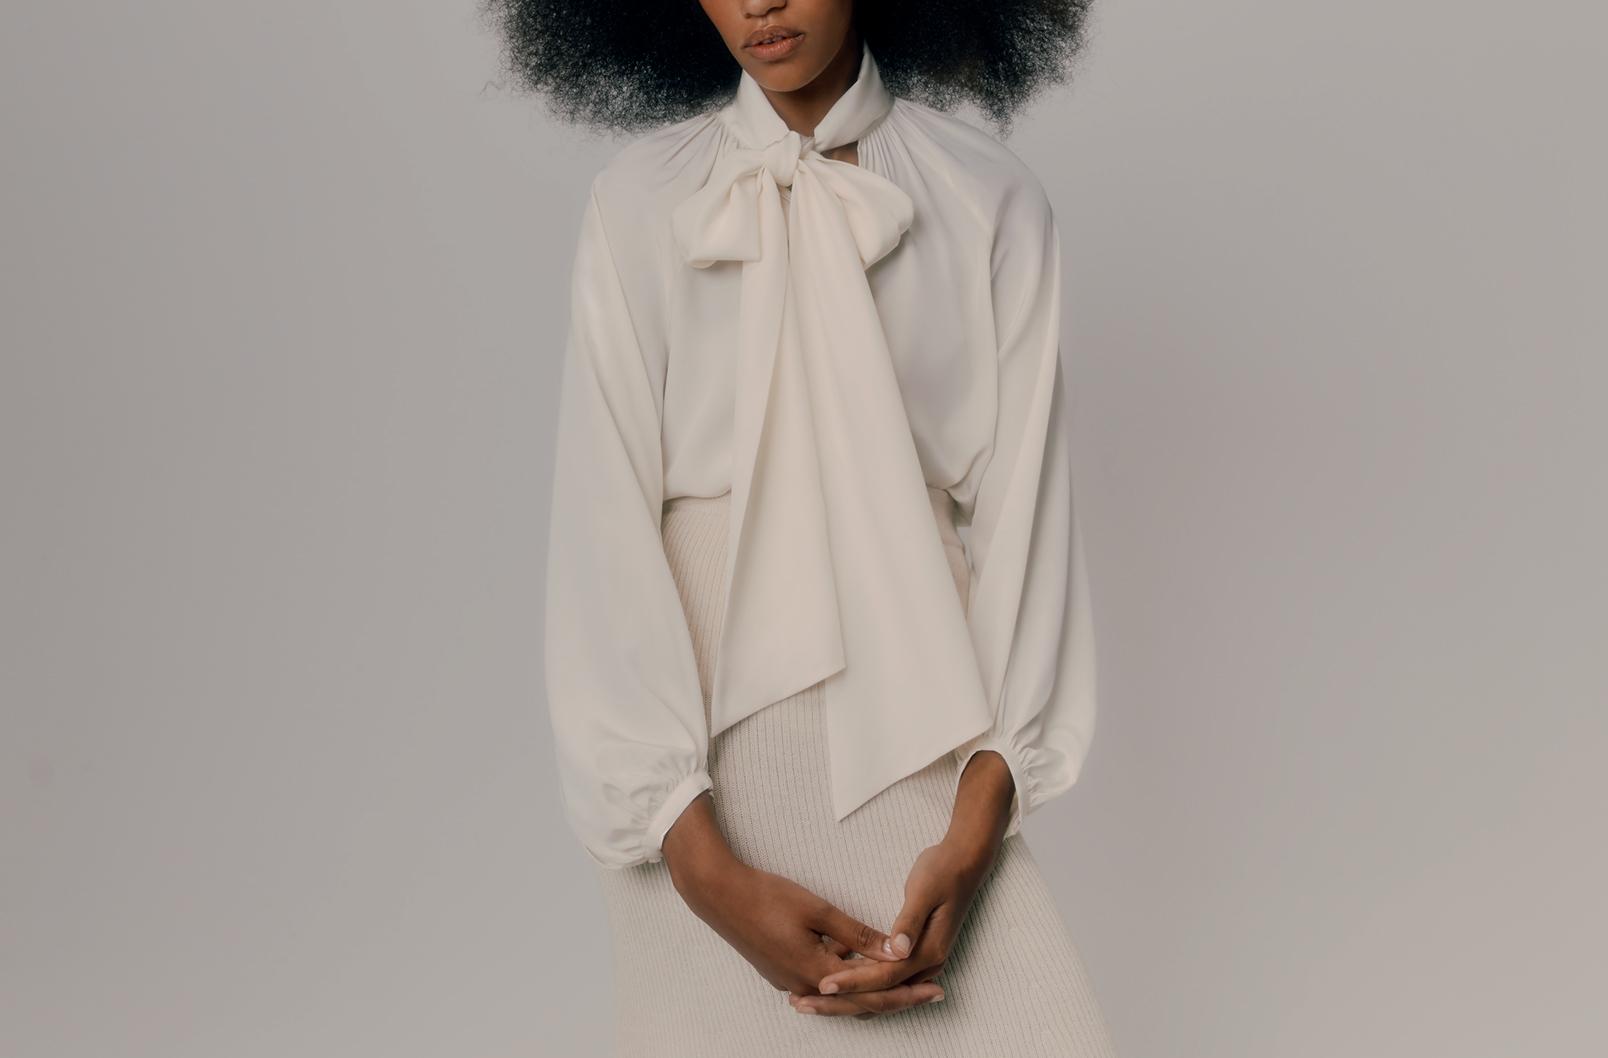 Model wearing Cuyana Bow Blouse